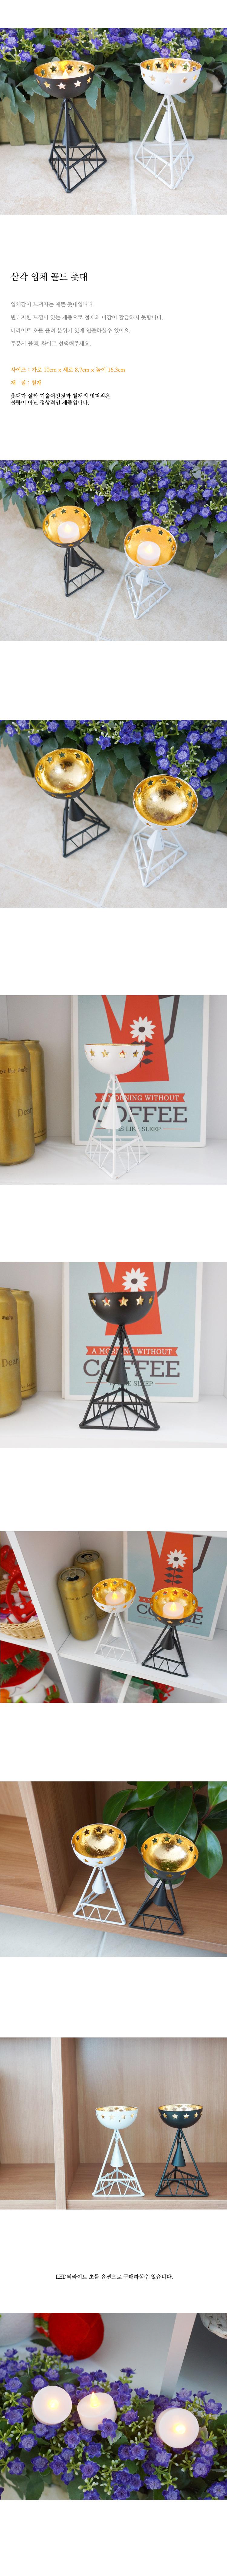 DS-S184삼각 골드 촛대 캔들 홀더 2color 티라이트 초 카페 소품 - 리빙톡톡, 13,800원, 캔들, 캔들홀더/소품